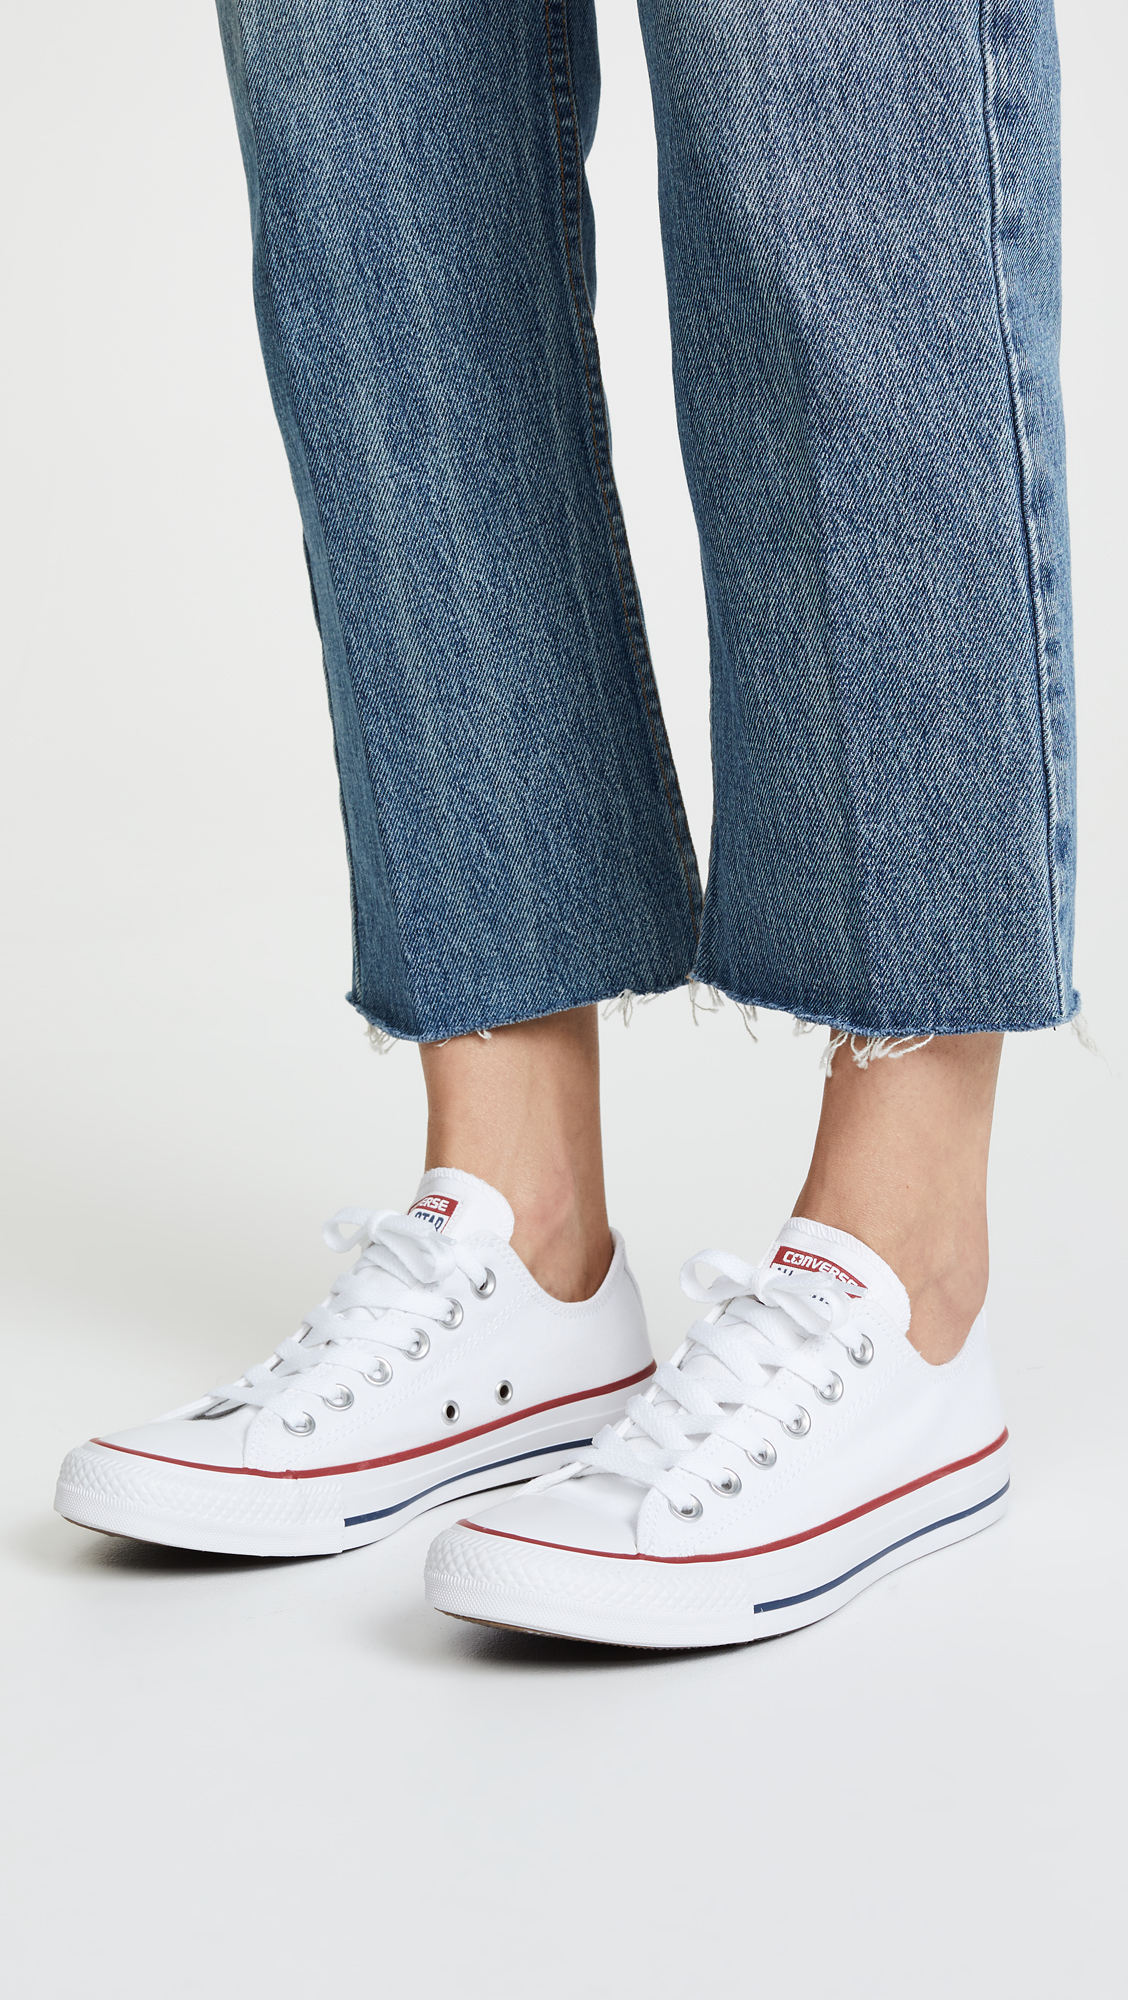 b890f6b2b2a3 Converse Chuck Taylor All Star Sneakers